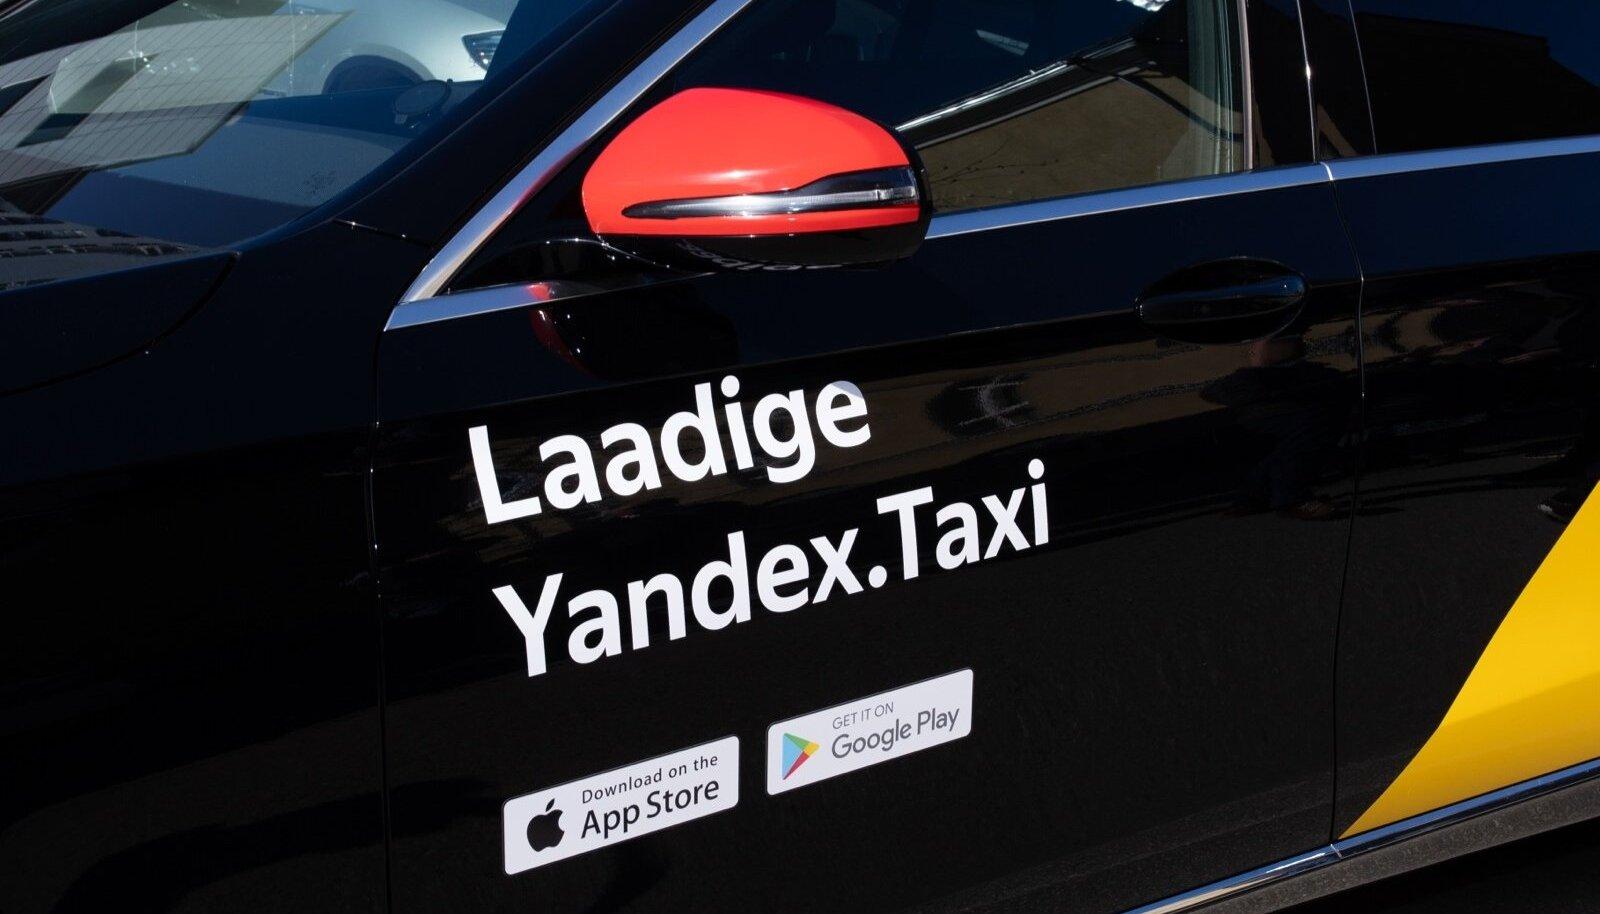 Yandeks.Taxi